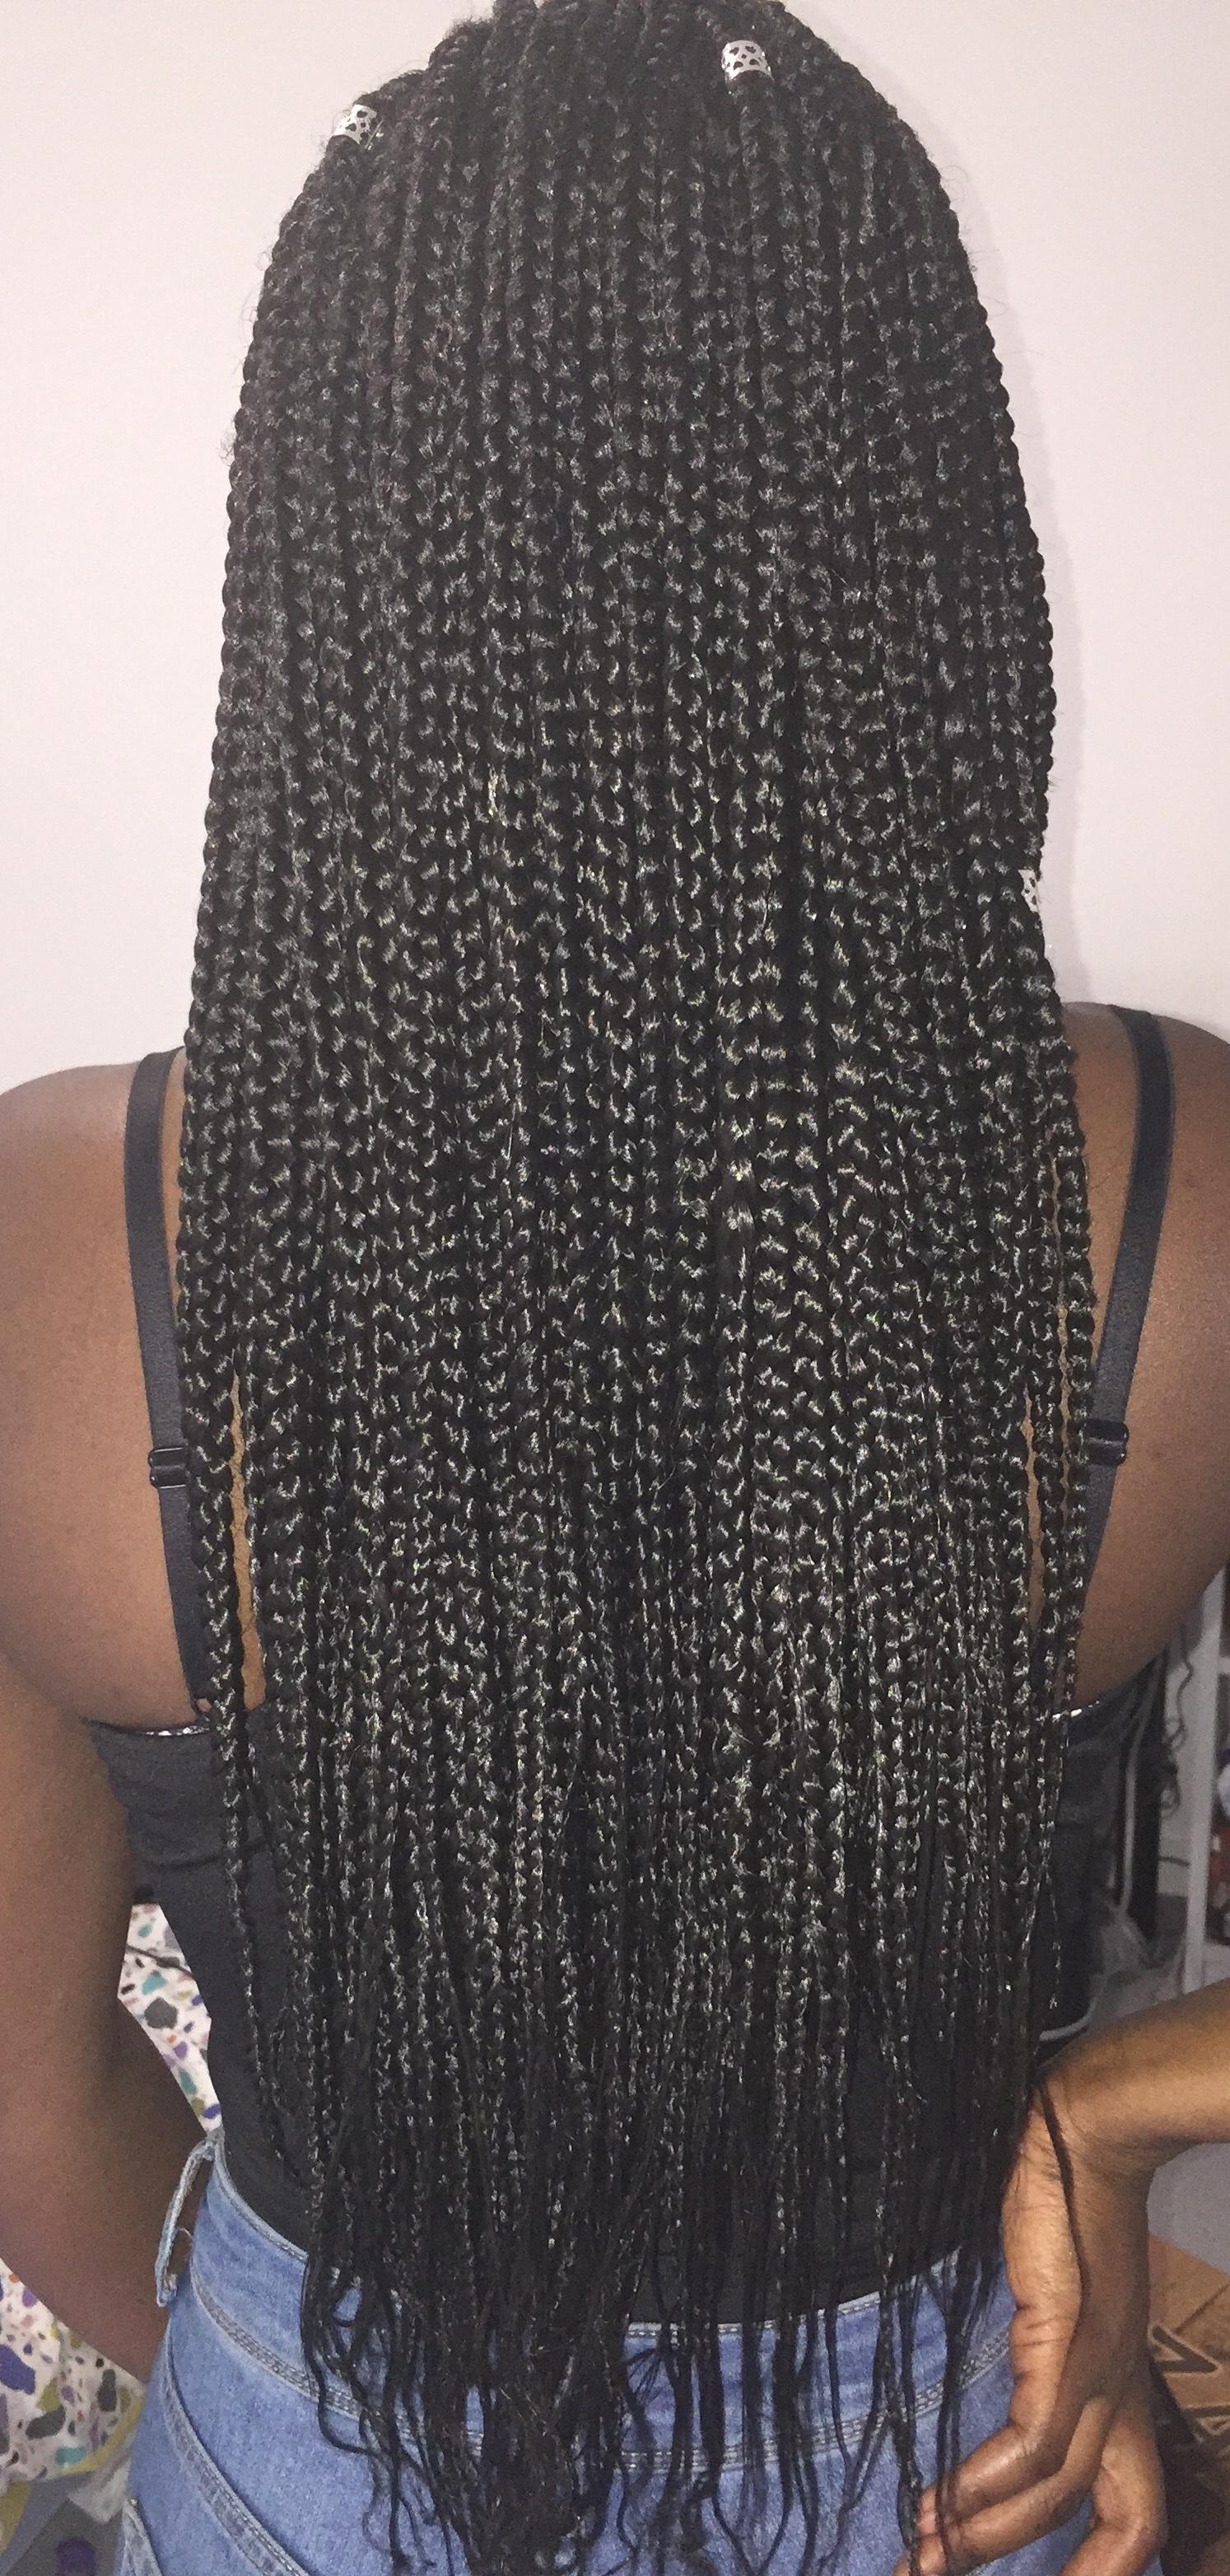 salon de coiffure afro tresse tresses box braids crochet braids vanilles tissages paris 75 77 78 91 92 93 94 95 SVGEWBYE